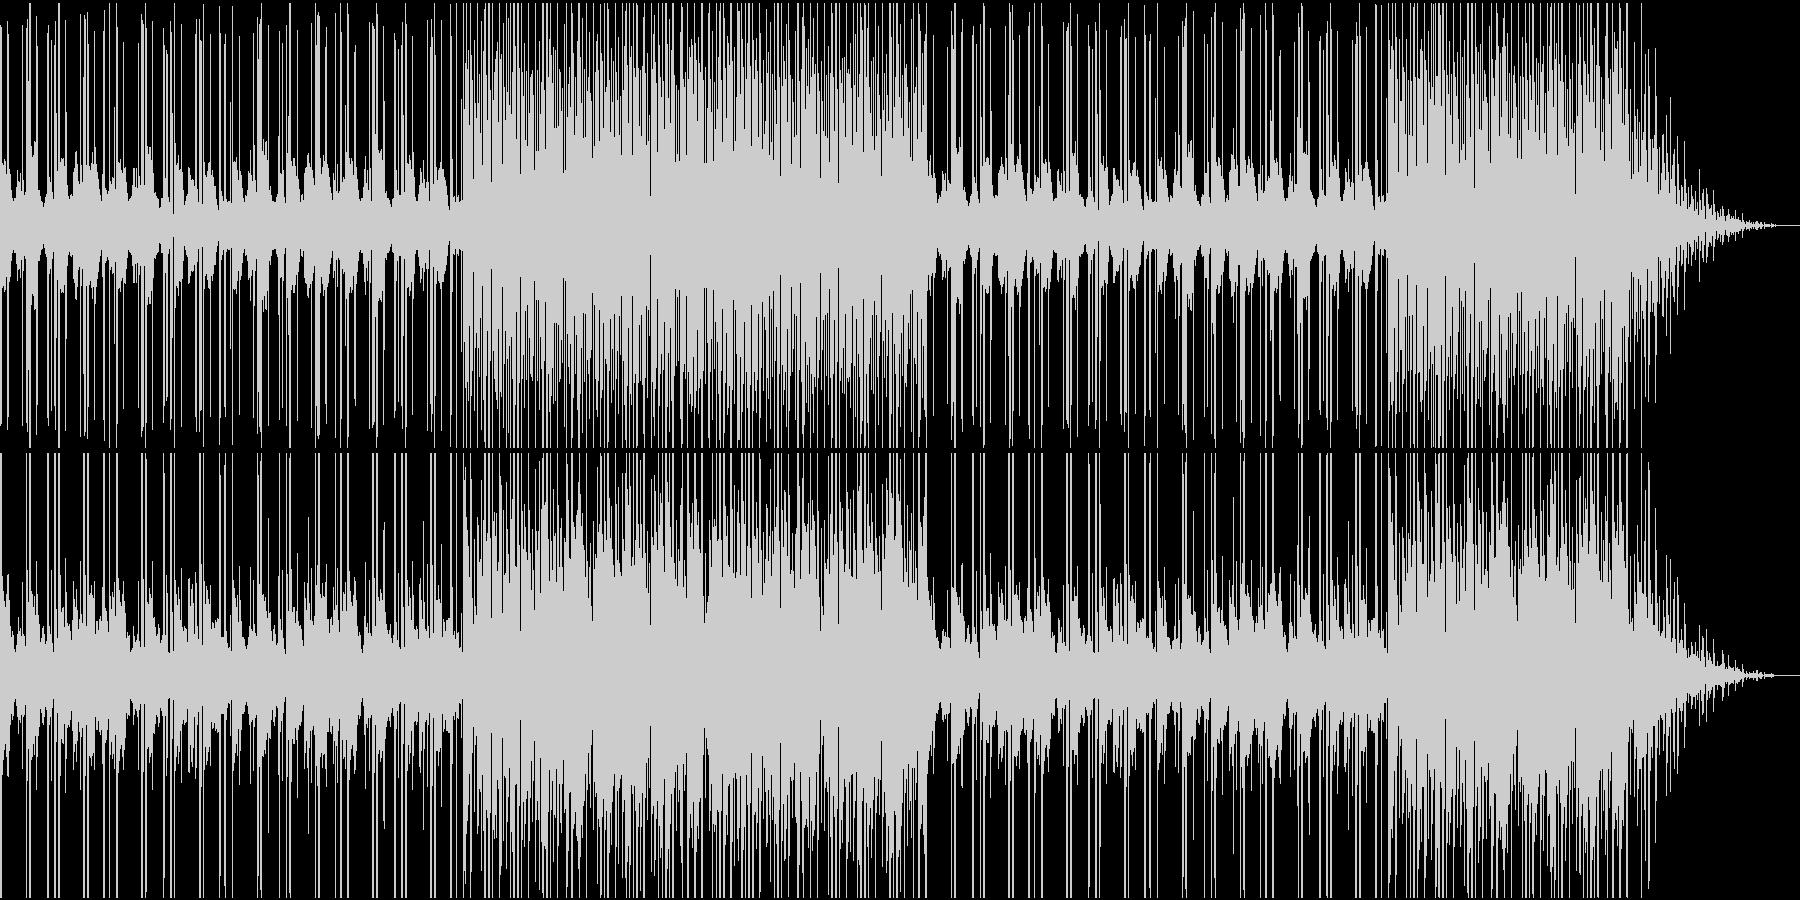 爽やかで心地よい雰囲気のピアノポップの未再生の波形